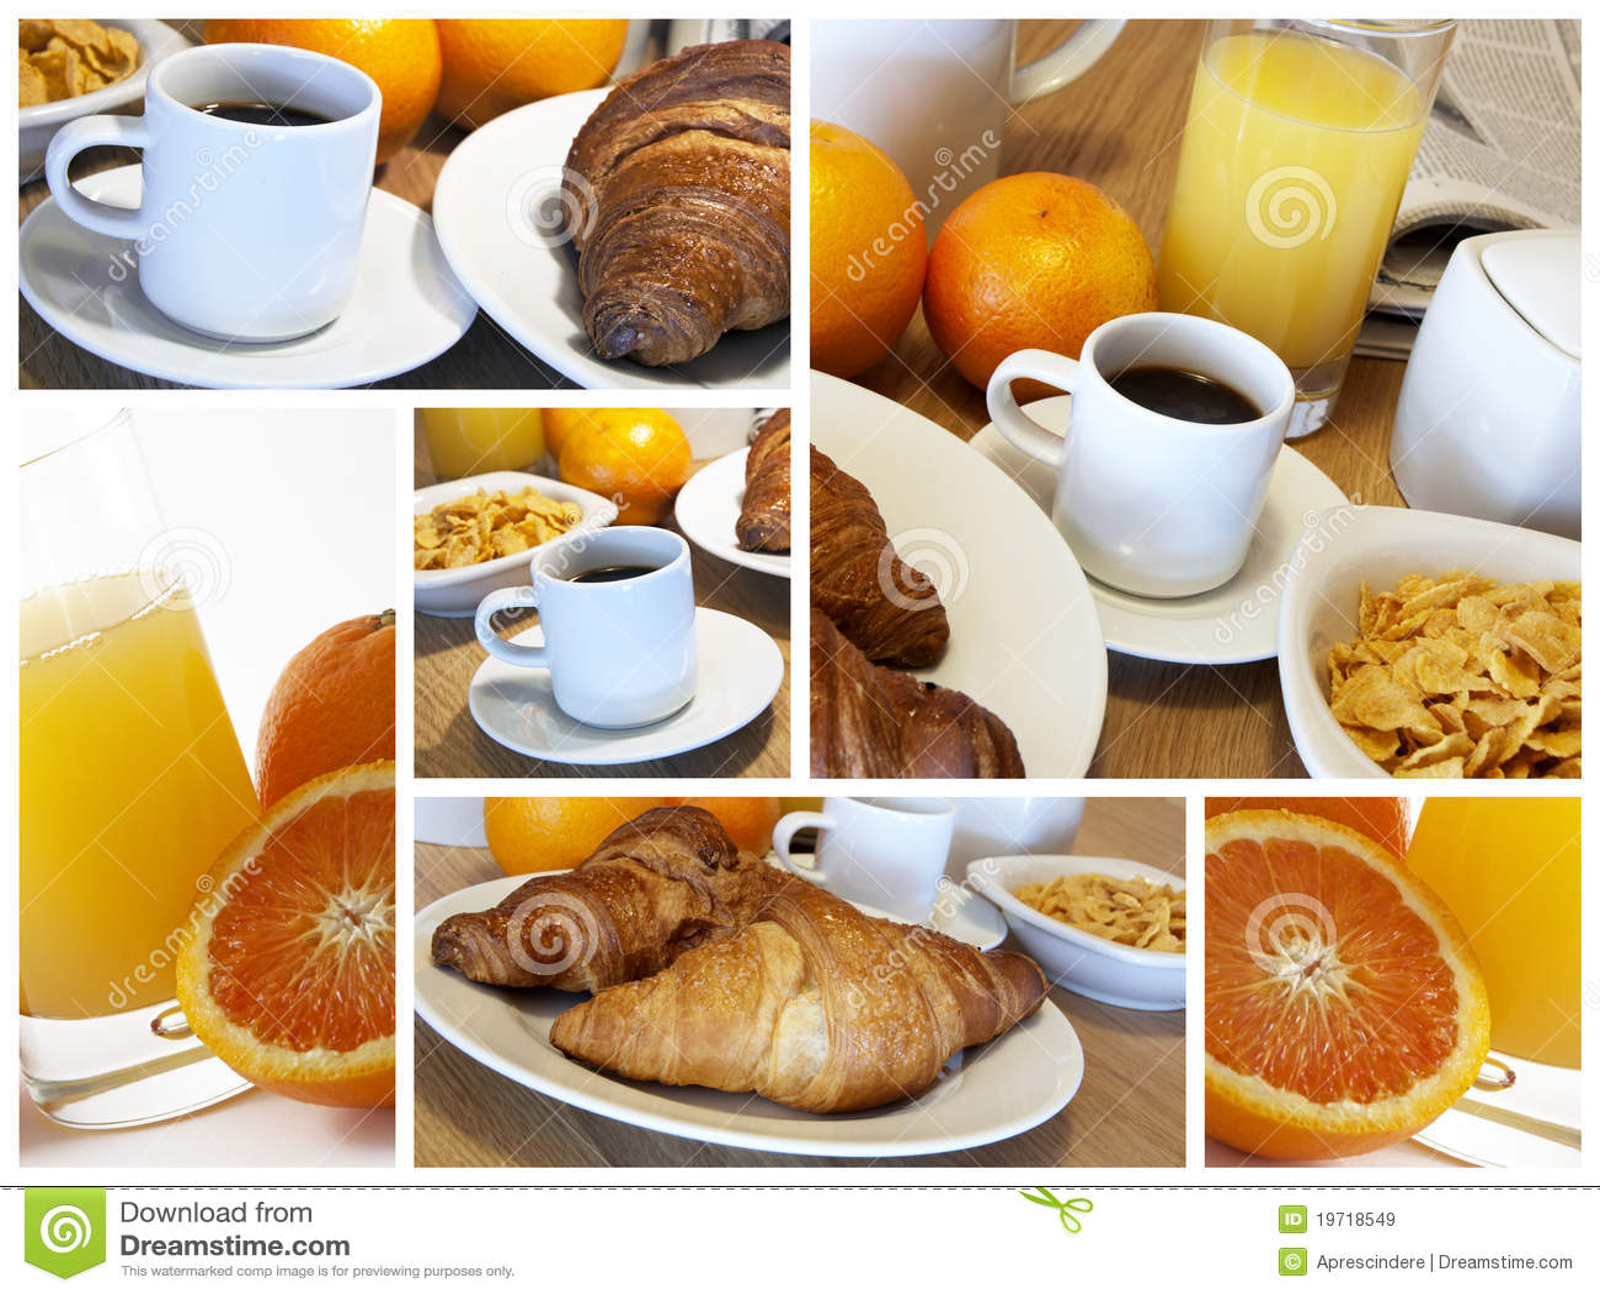 Italienisches Frühstück - Collage